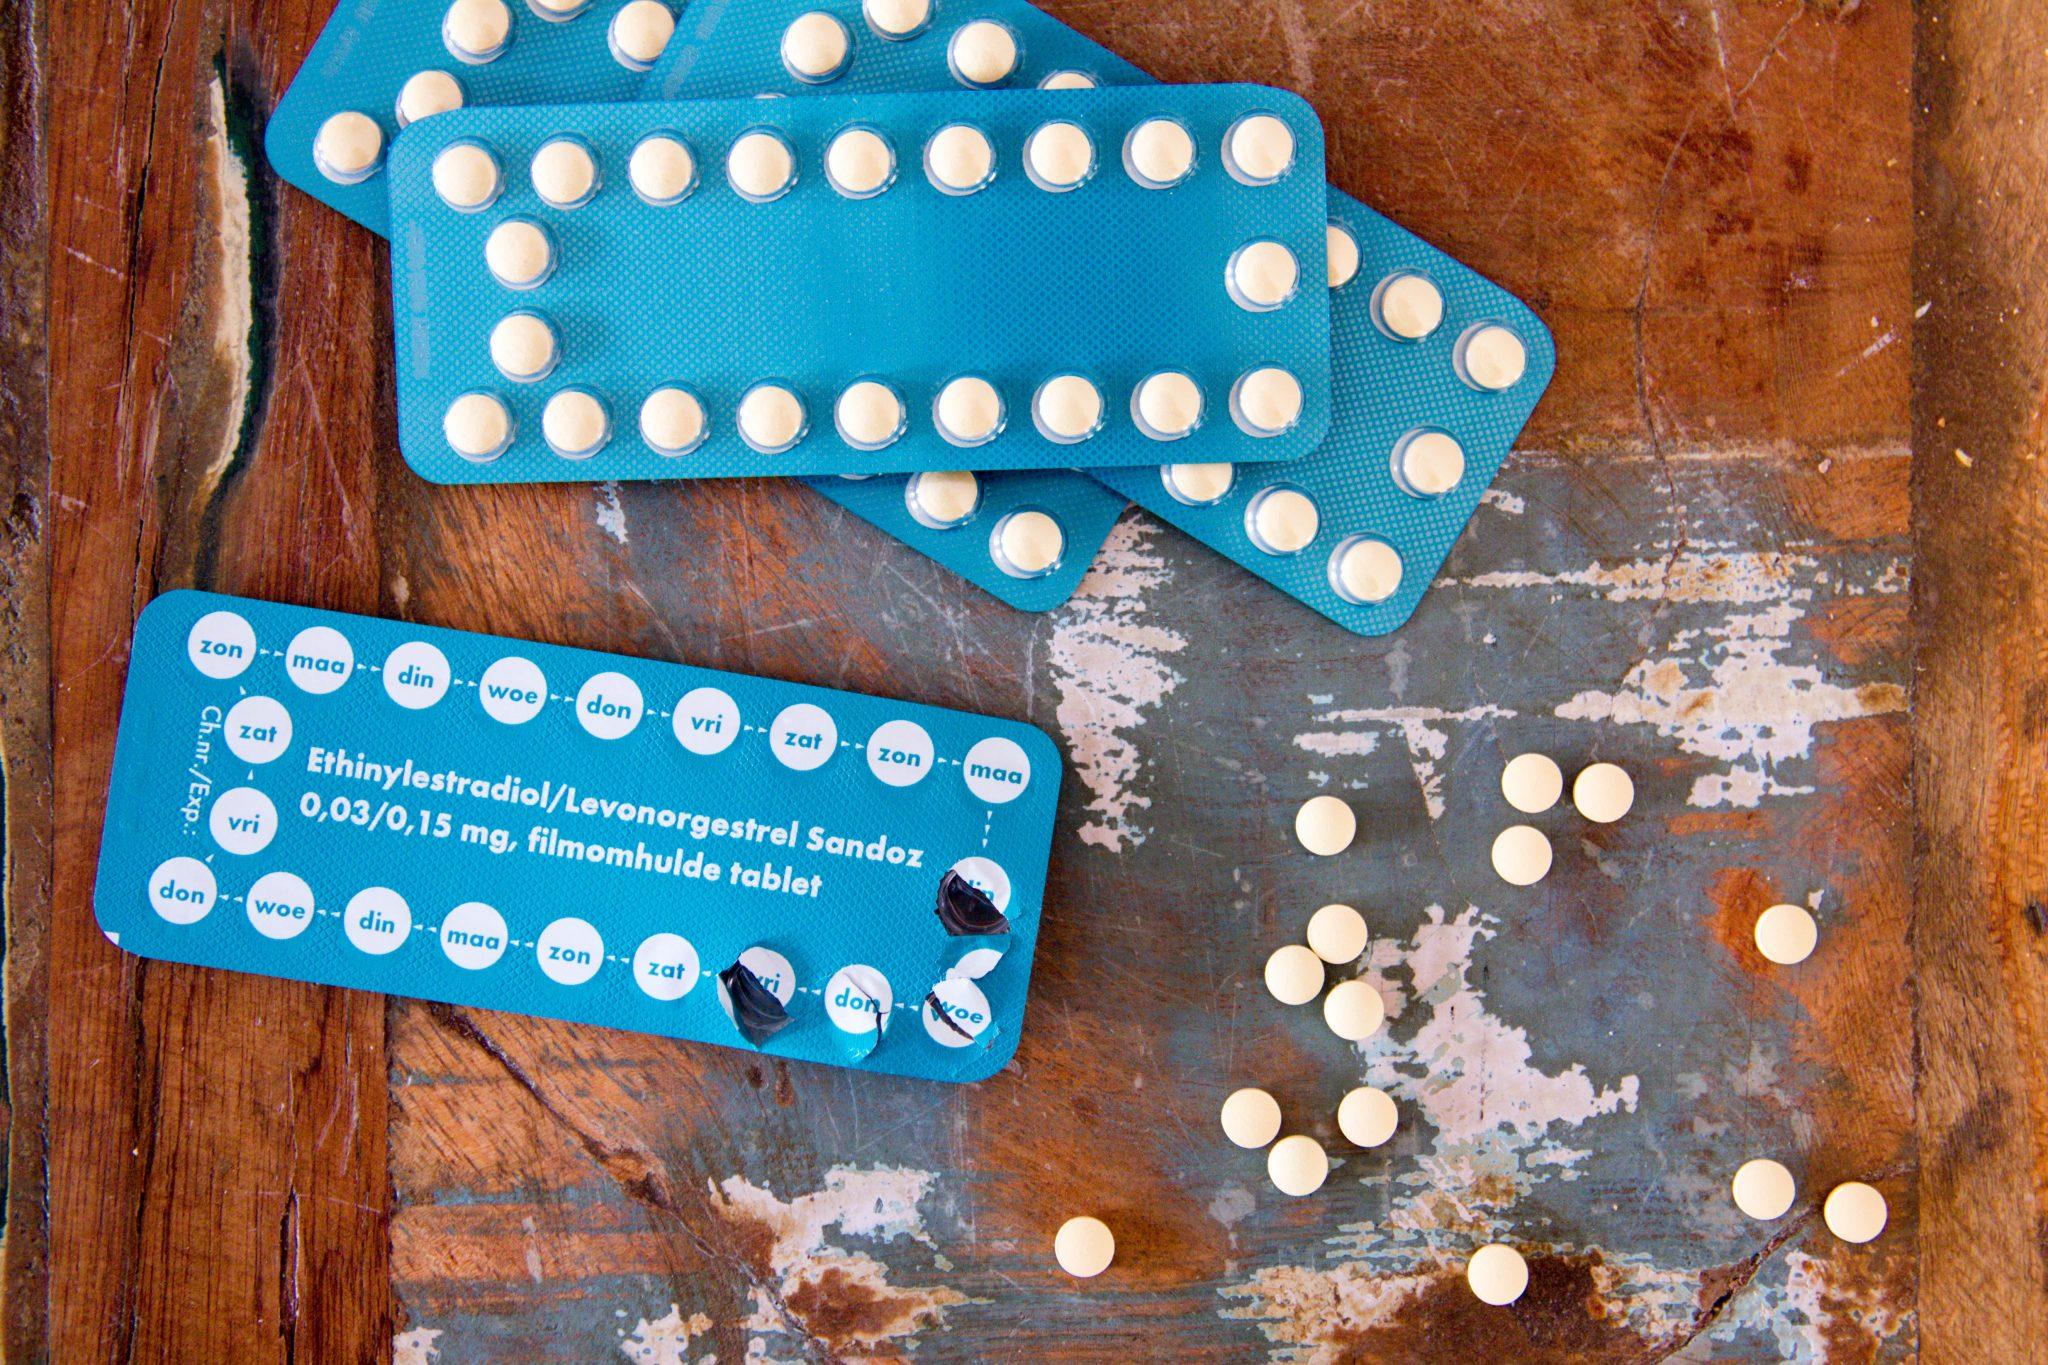 Выводы учёных: оральные контрацептивы провоцируют депрессию